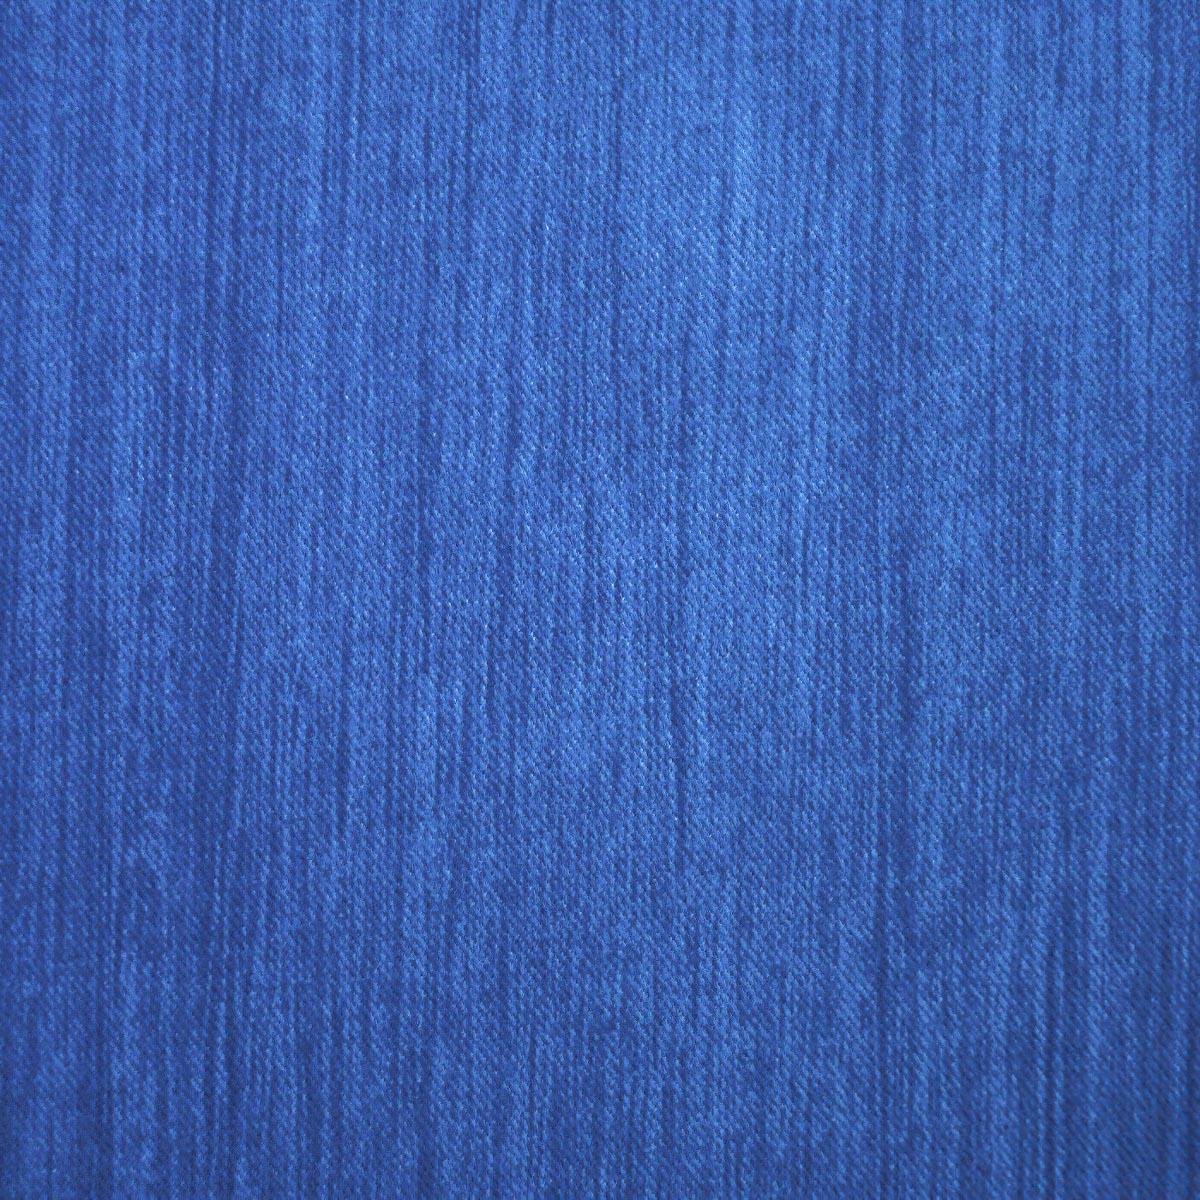 Olzatex Zatemňovací závěs, blackout P7909171 modrý, šířka 150cm (látka v metráži)